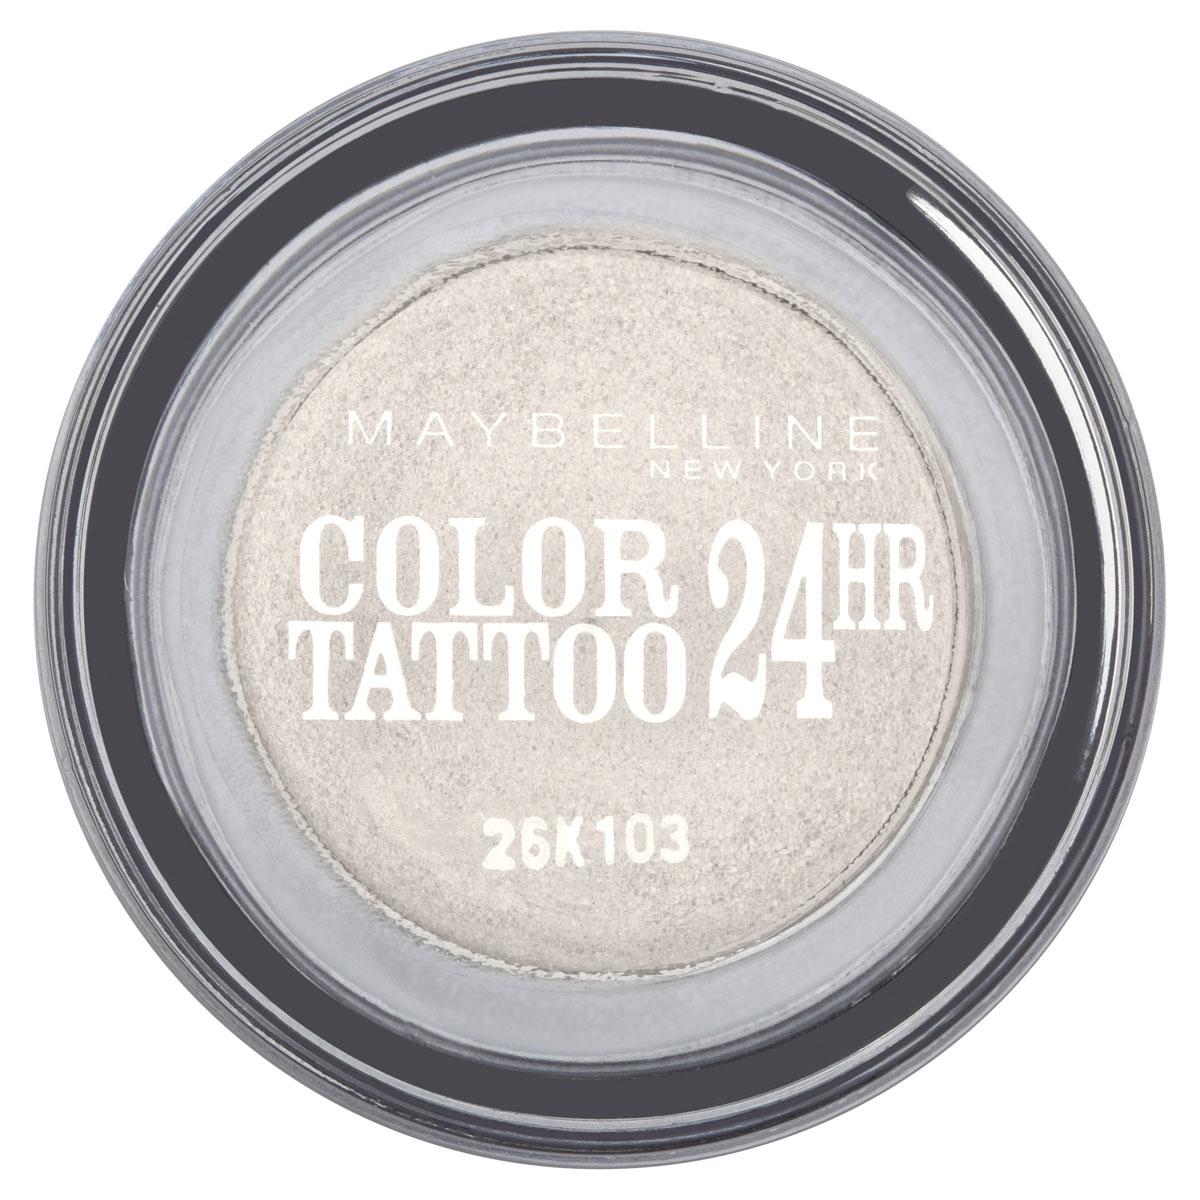 Maybelline New York Тени для век Color Tattoo 24 часа, оттенок 45, Бесконечно белый, 4 млB1949800Технология тату-пигментов создает яркий, супернасыщенный цвет. Крем-гелевая текстура обеспечивает ультралегкое нанесение и стойкость на 24 часа.12 оттенков